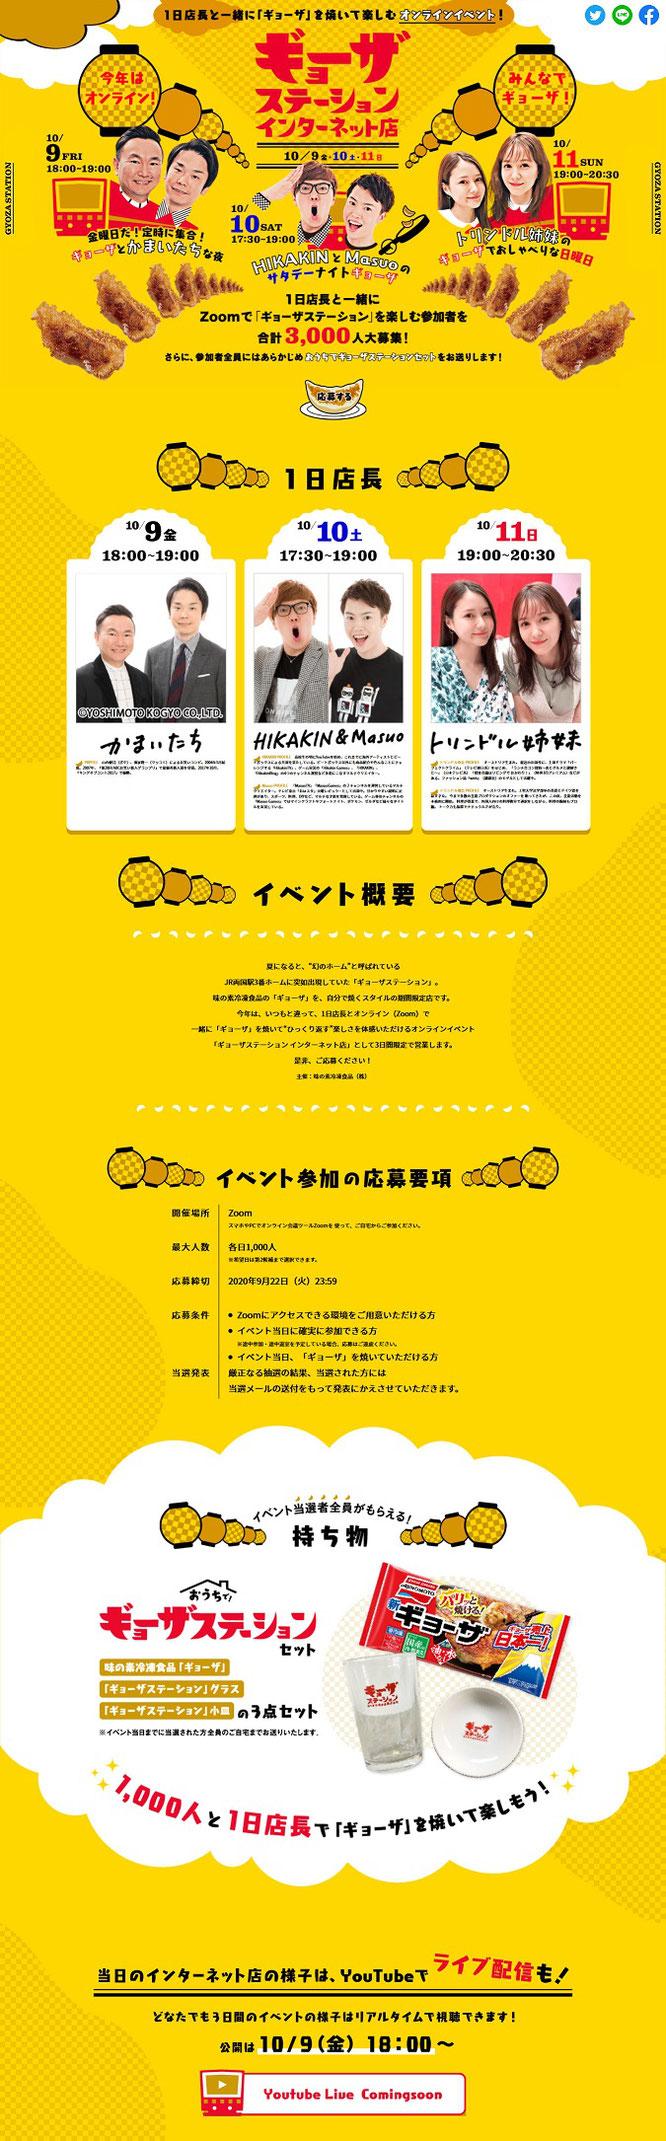 【タイガー魔法瓶】LOVE TIGER COLLECTION 愛されタイガーキャンペーン